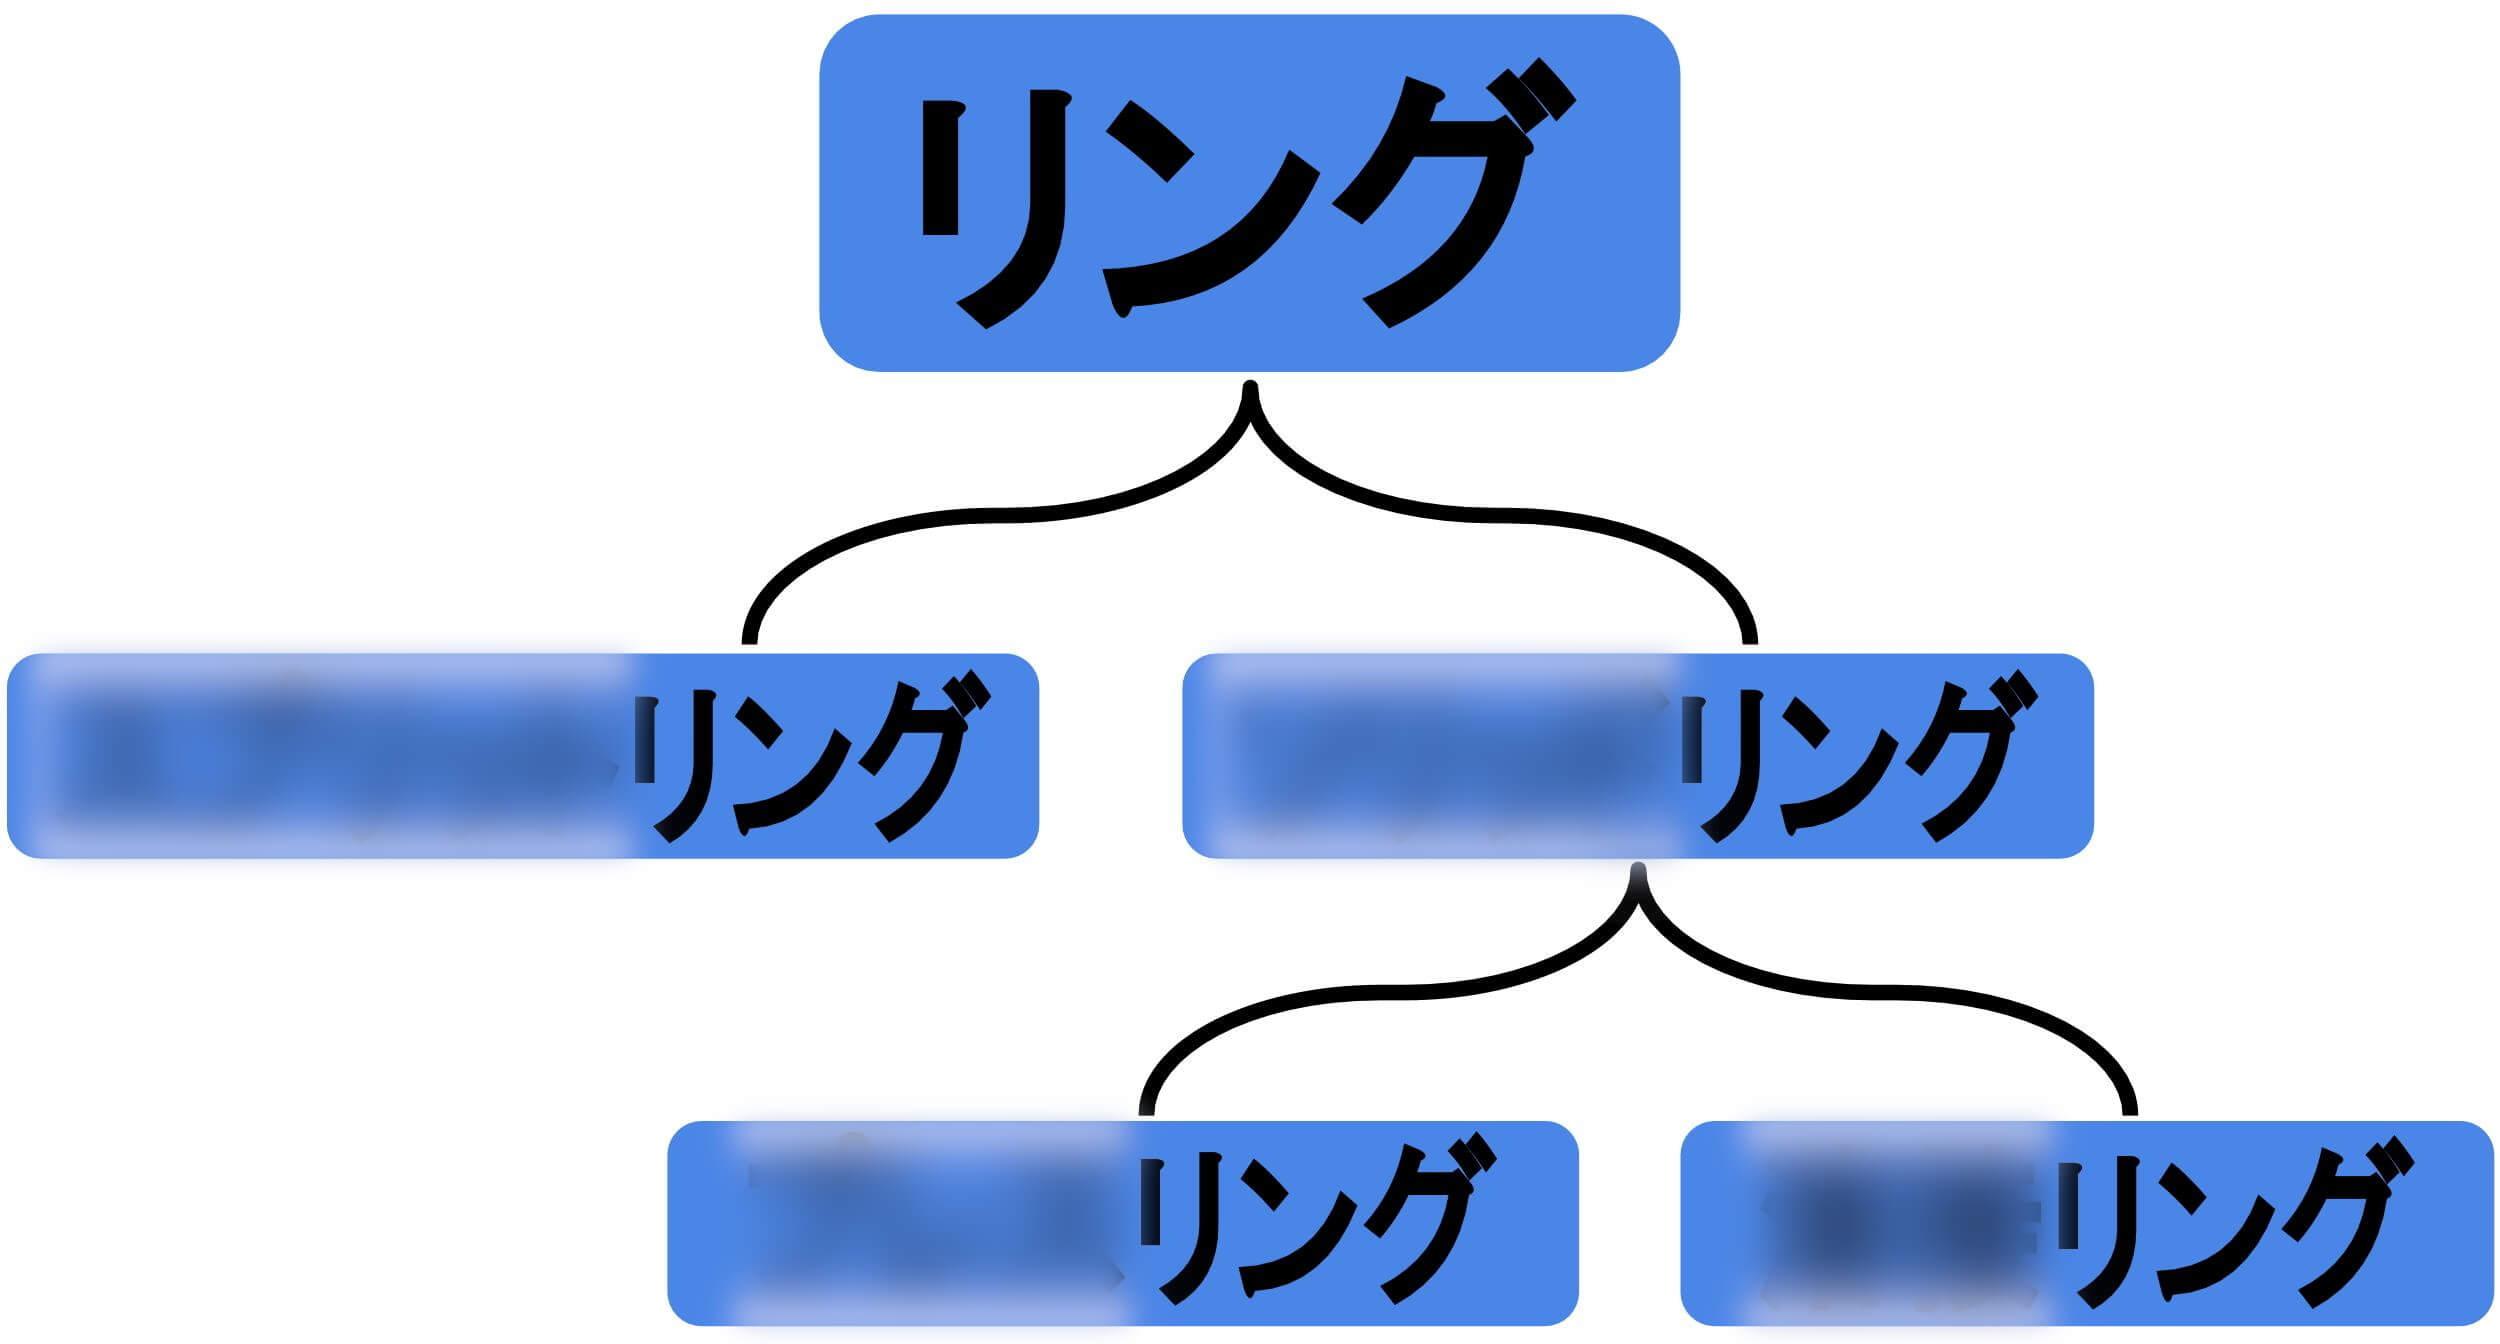 プレスリング・スプリットリング・ソリッドリング・溶接リング相関図ぼかしアリ